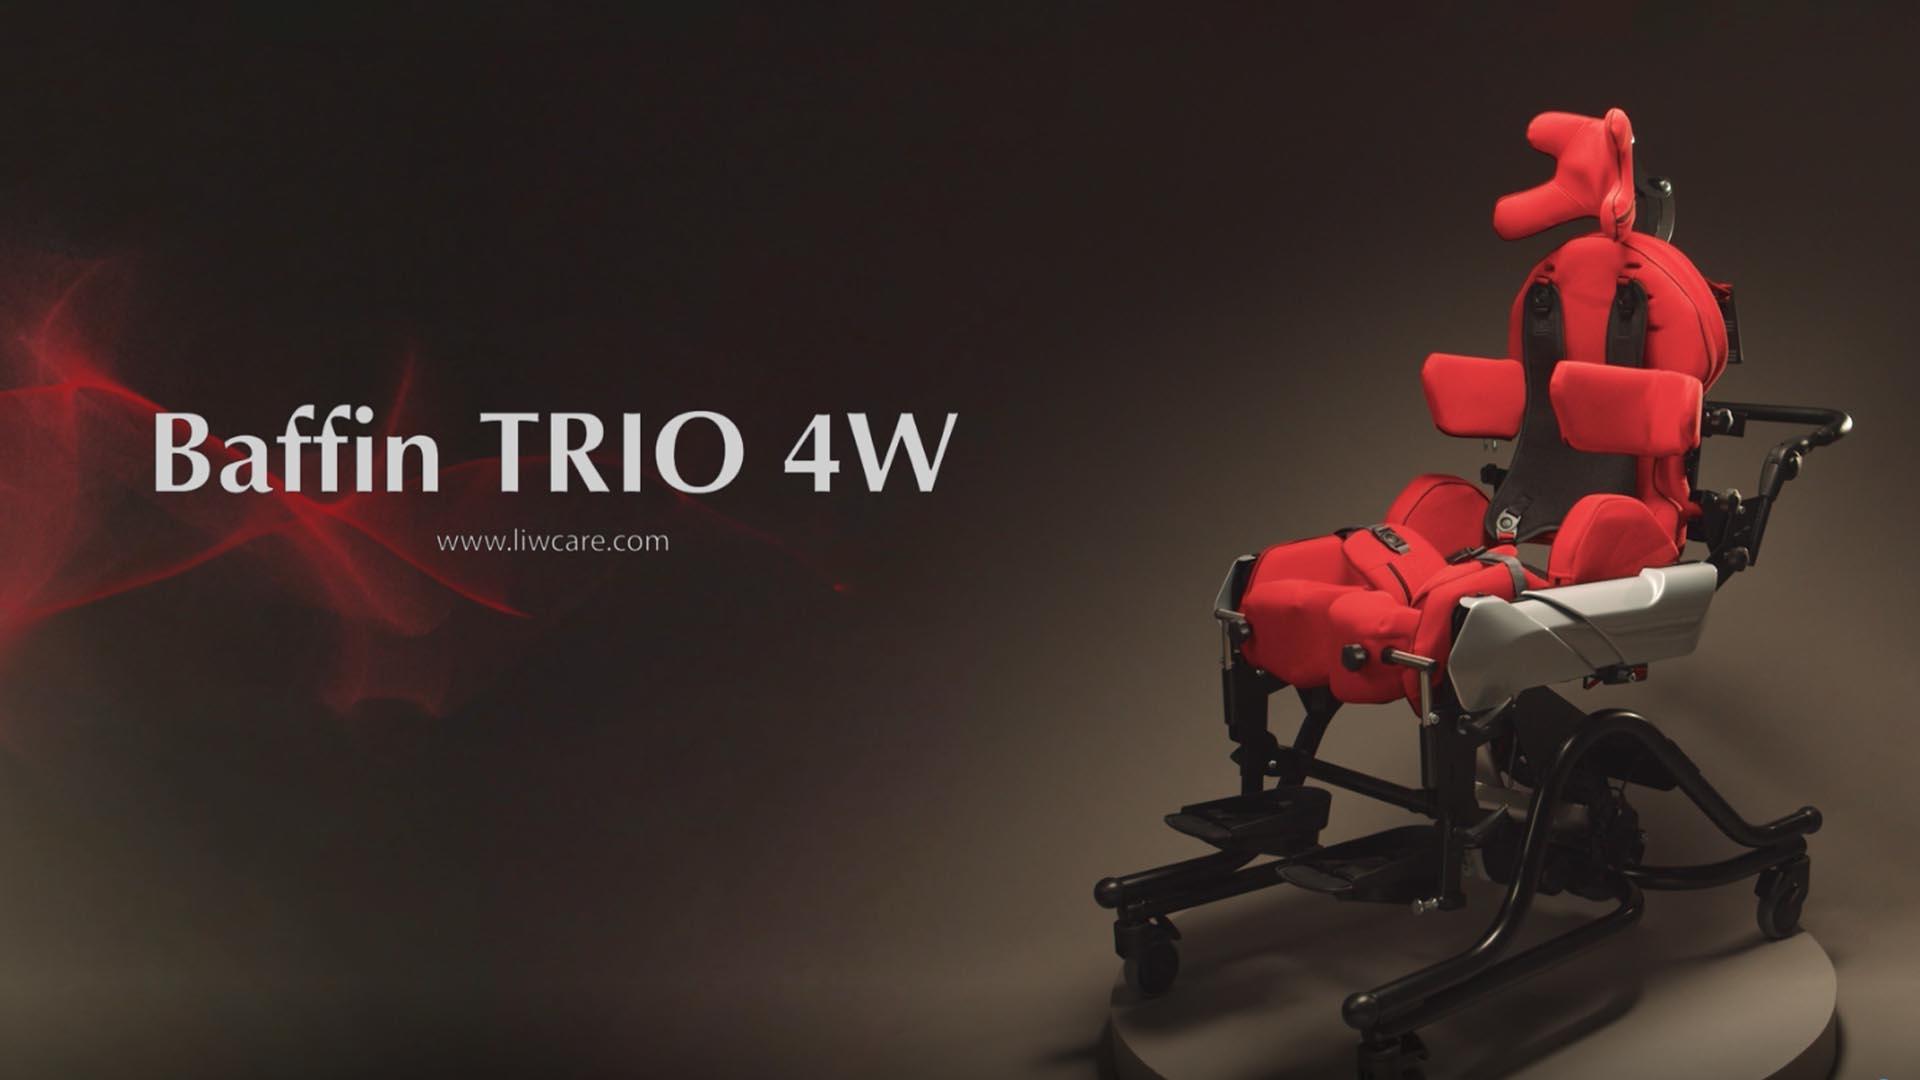 baffin trio 4w